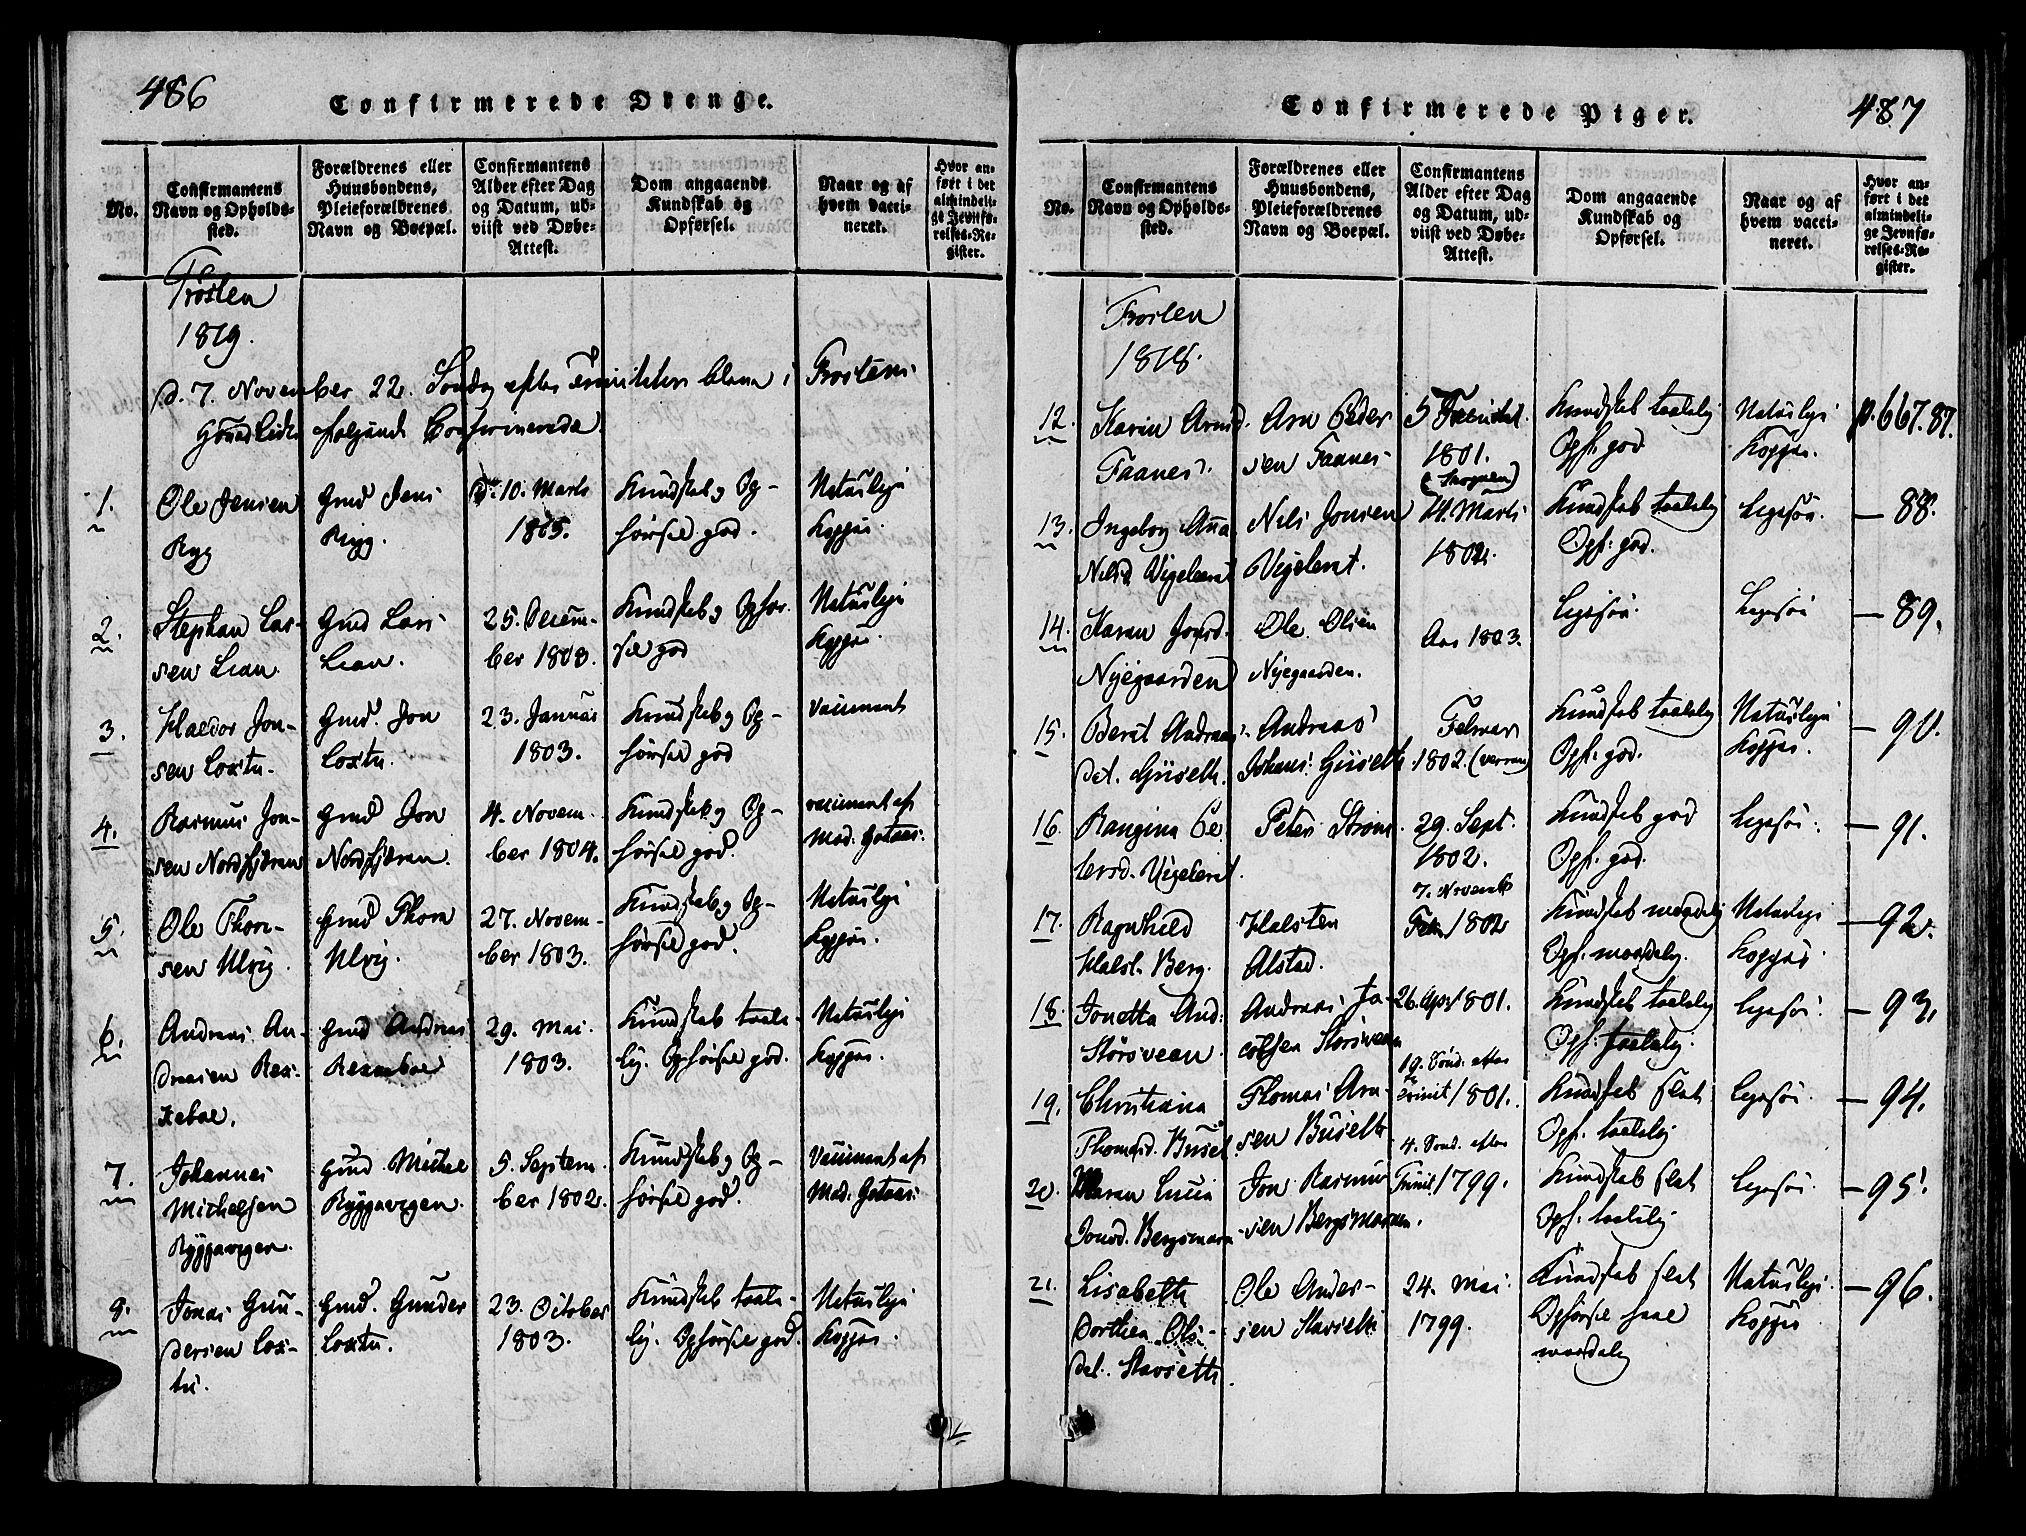 SAT, Ministerialprotokoller, klokkerbøker og fødselsregistre - Nord-Trøndelag, 713/L0112: Ministerialbok nr. 713A04 /1, 1817-1827, s. 486-487